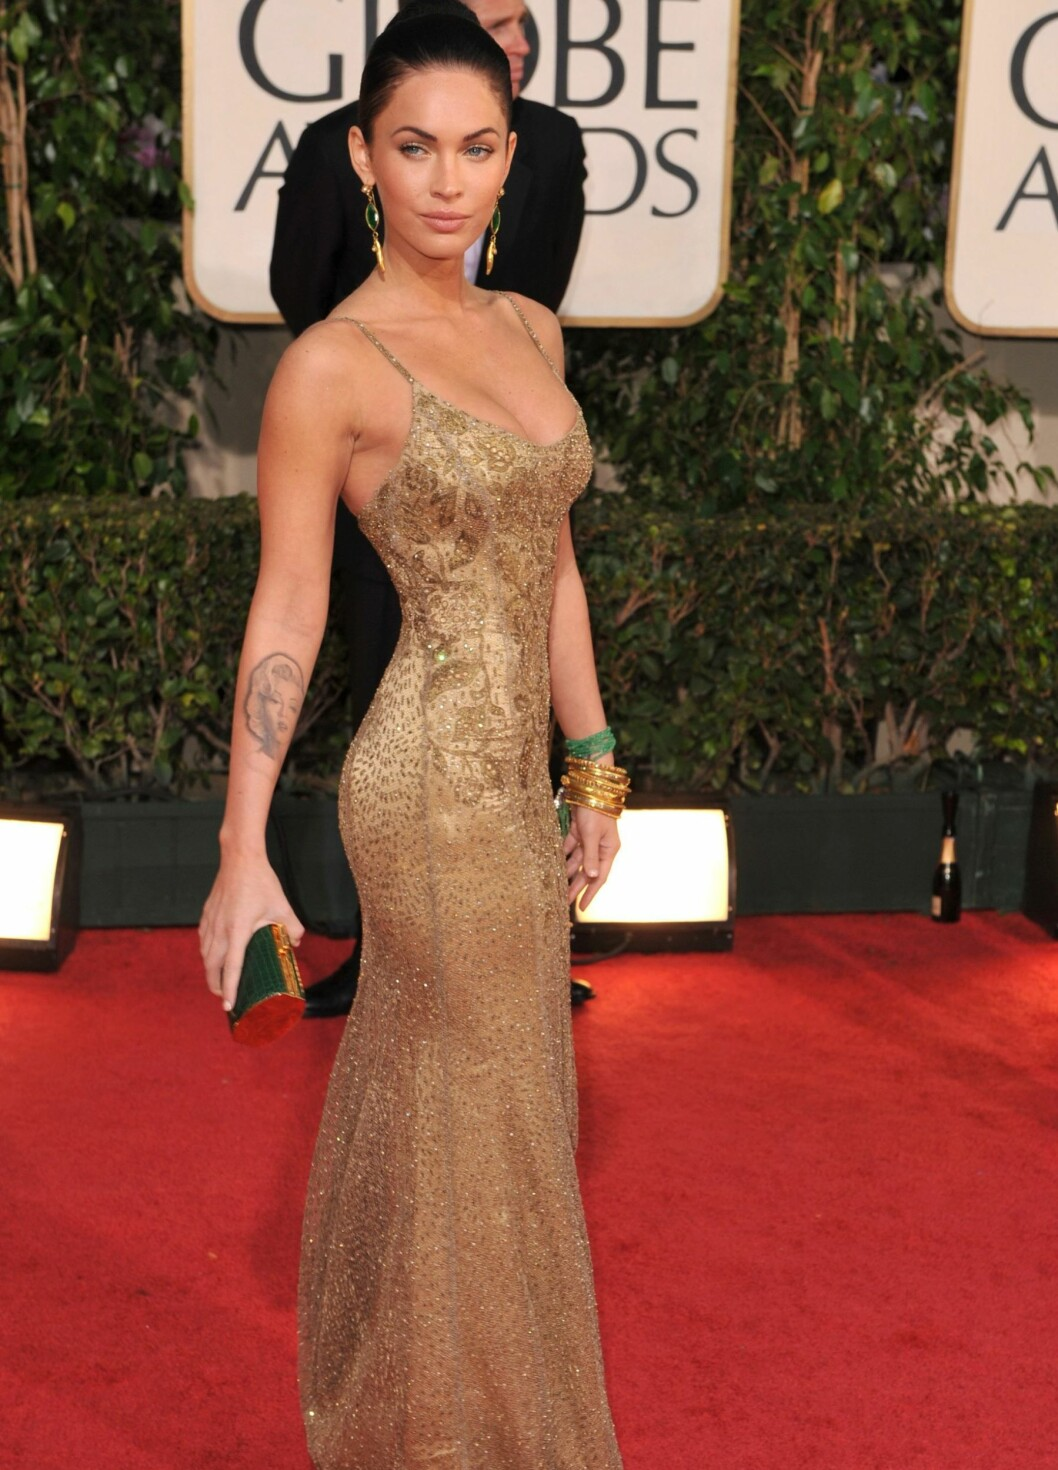 Skuespiller Megan Fox, her fra Golden Globe Awards i år.  Foto: All Over Press